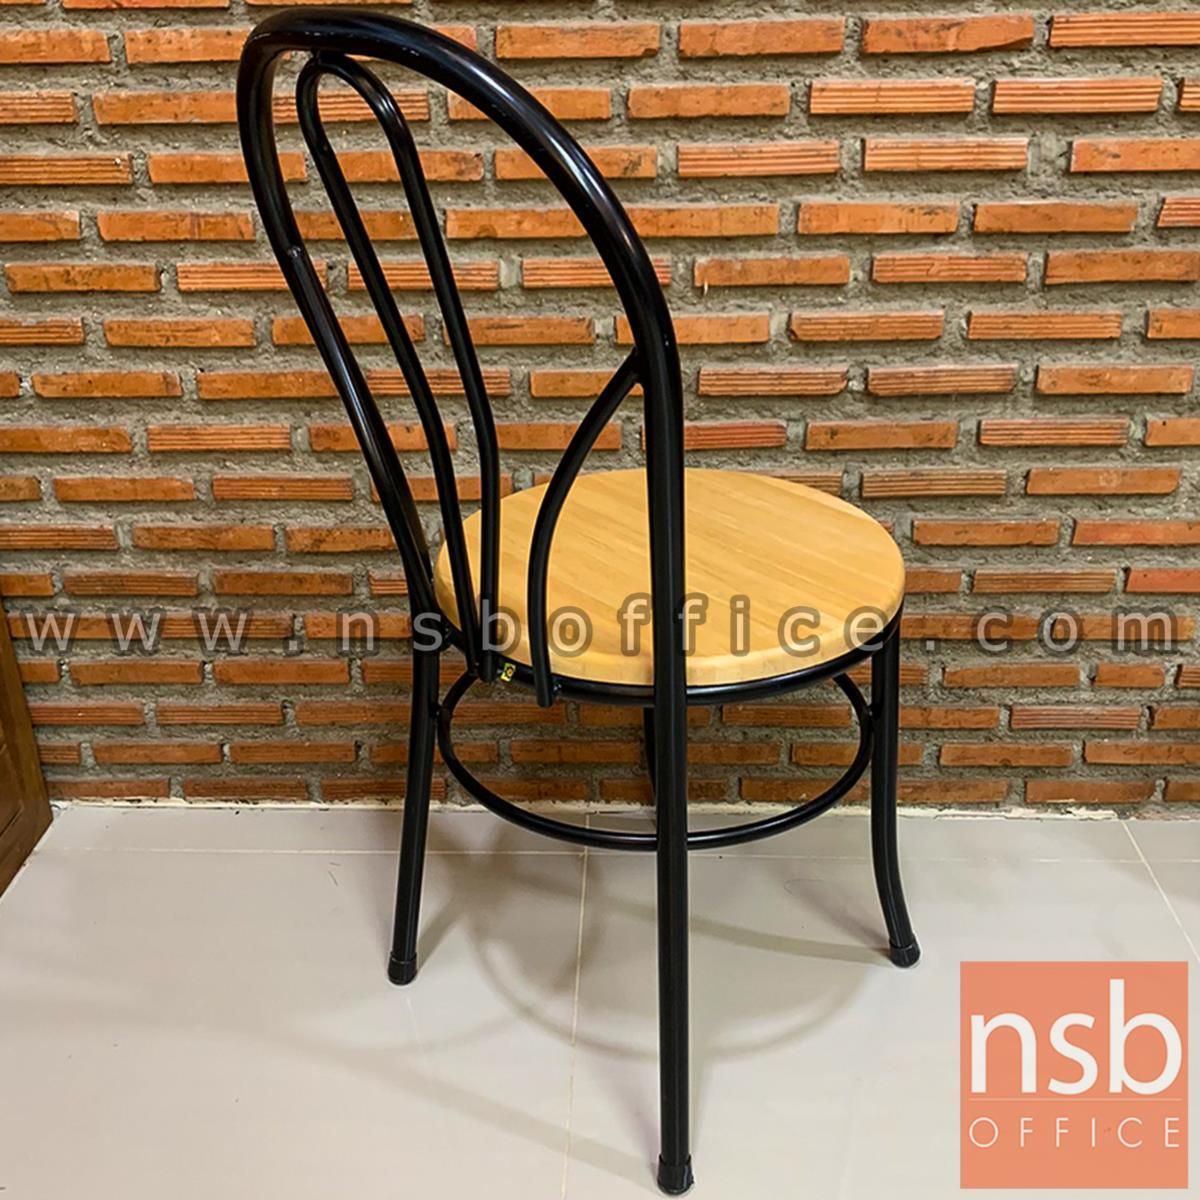 เก้าอี้อเนกประสงค์เหล็ก รุ่น BONGA-BW  ขาเหล็กพ่นดำ